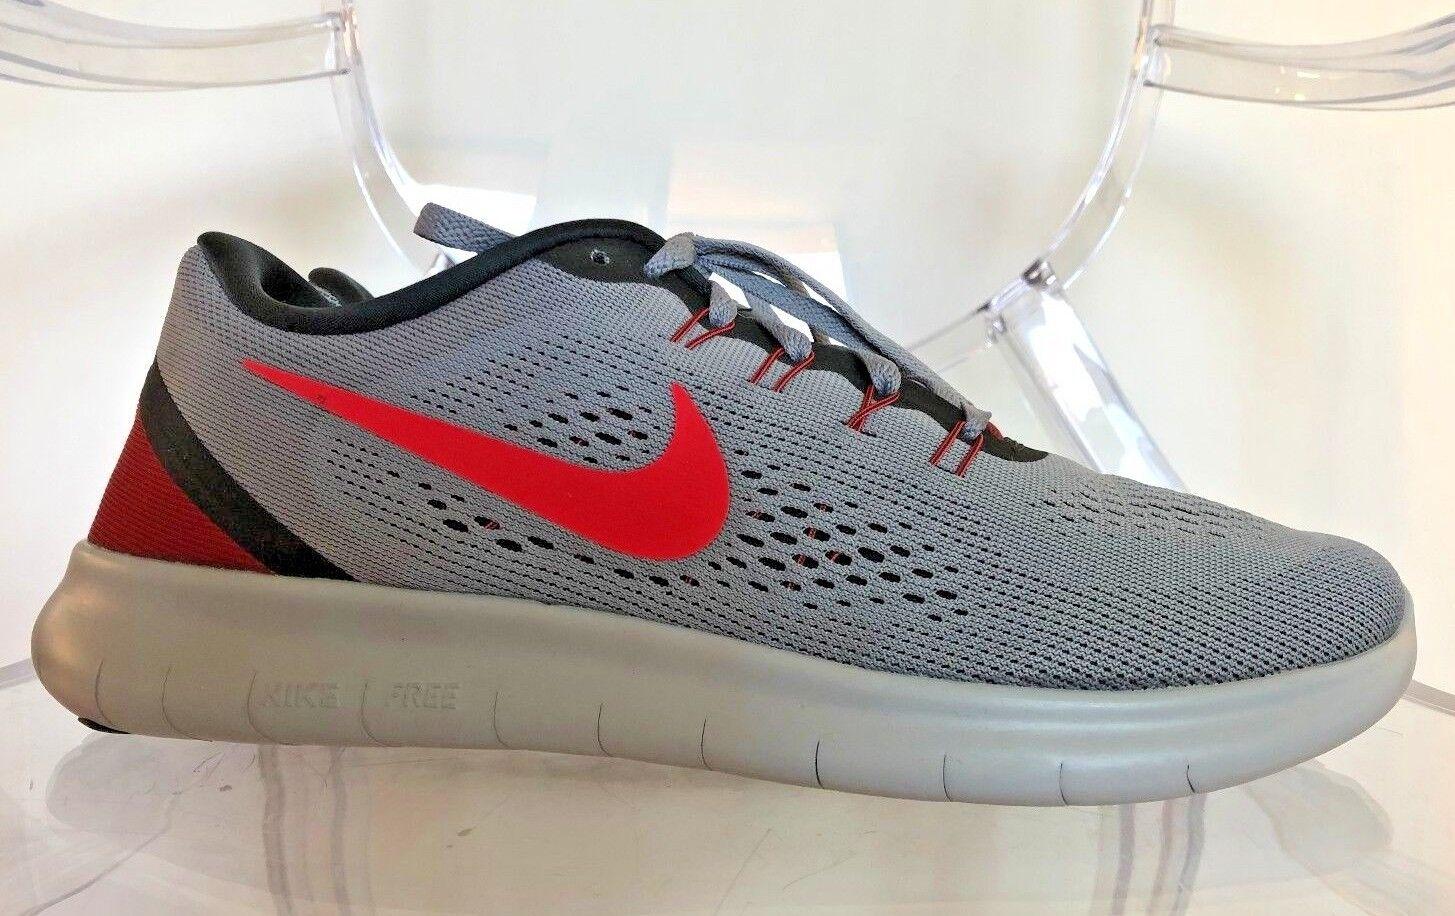 NIKE Men's Free RN Running Shoe 831508 012 Cool Grey/Action Red-Black SZ 8.5